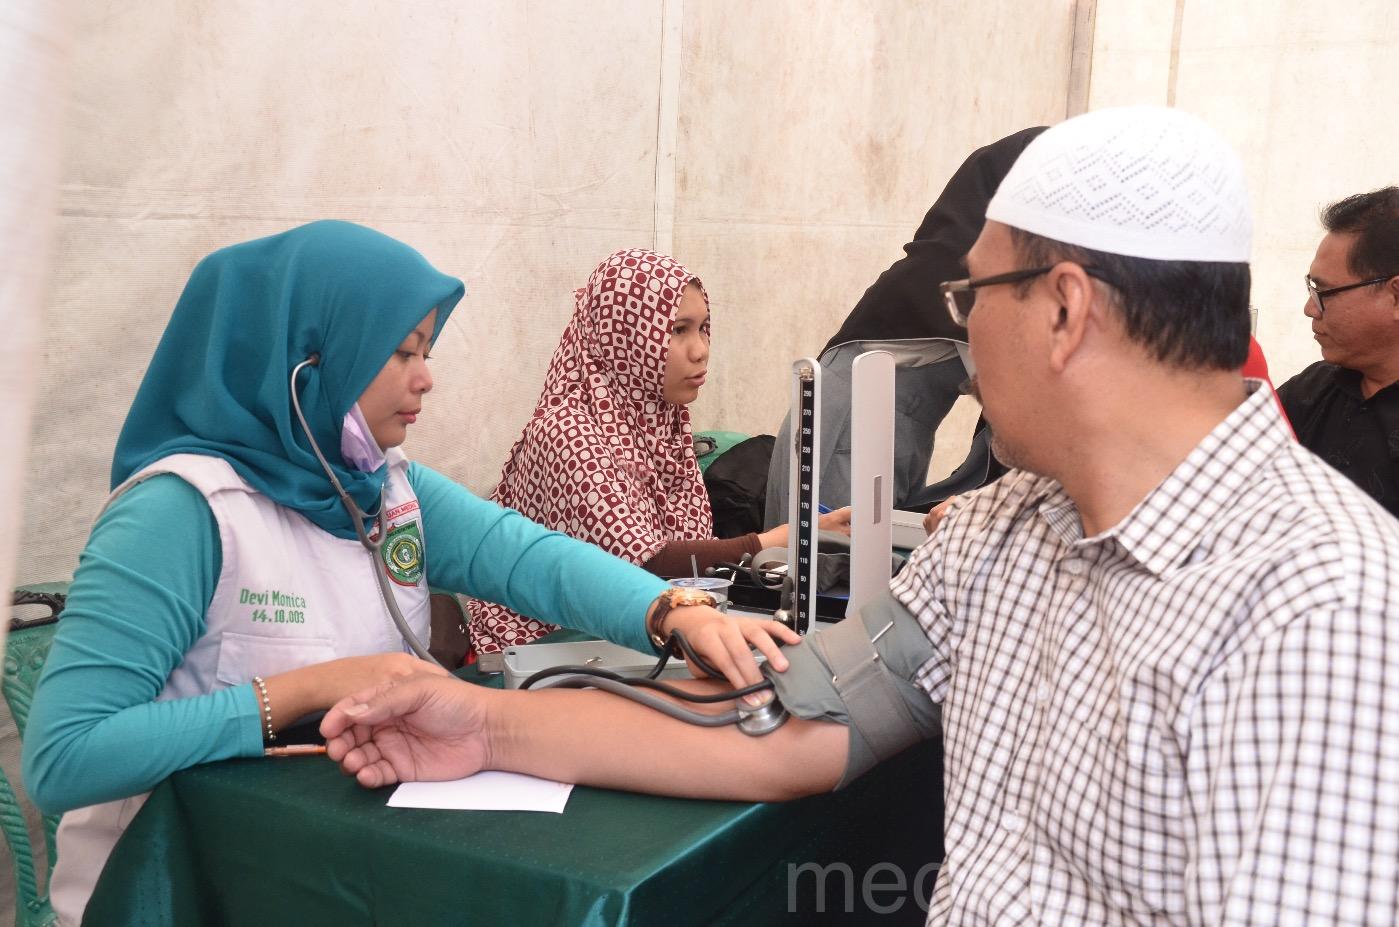 Suasana pemeriksaan kesehatan dalam rangkaian acara peringatan Maulid Nabi yg diadakan di Masjid Al-hidayah (24/12). (Fotografer: Savira Dina)